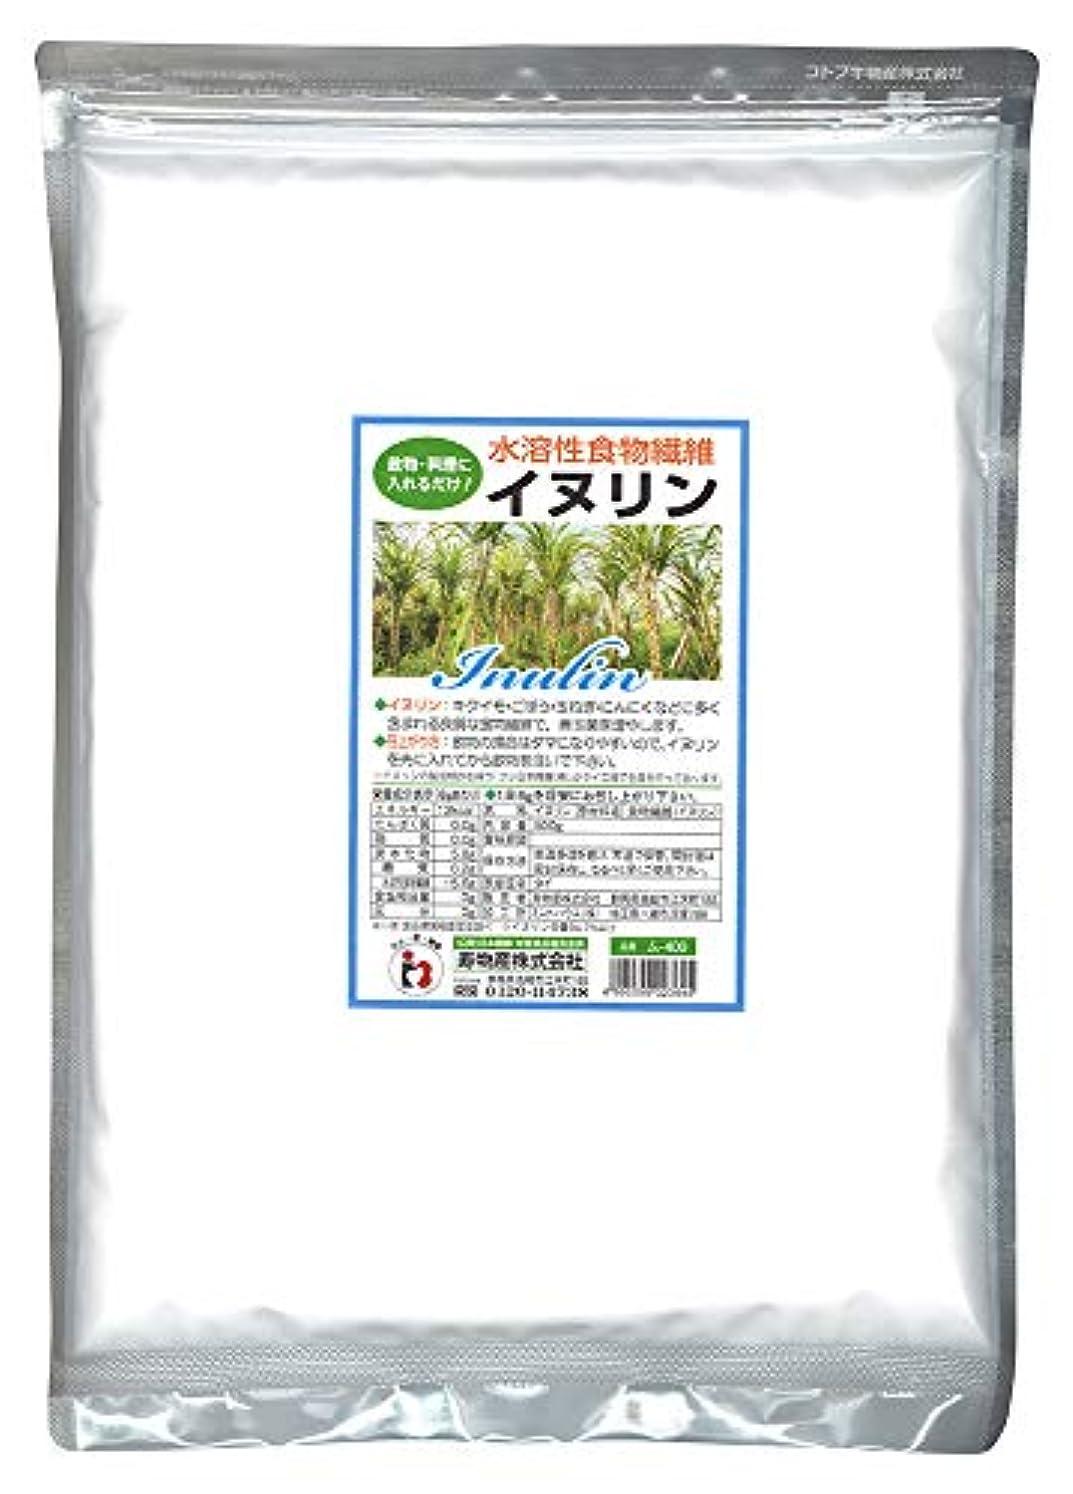 分割意志に反するおいしいイヌリン 500g 水溶性食物繊維 菊芋に多く含まれる食物繊維